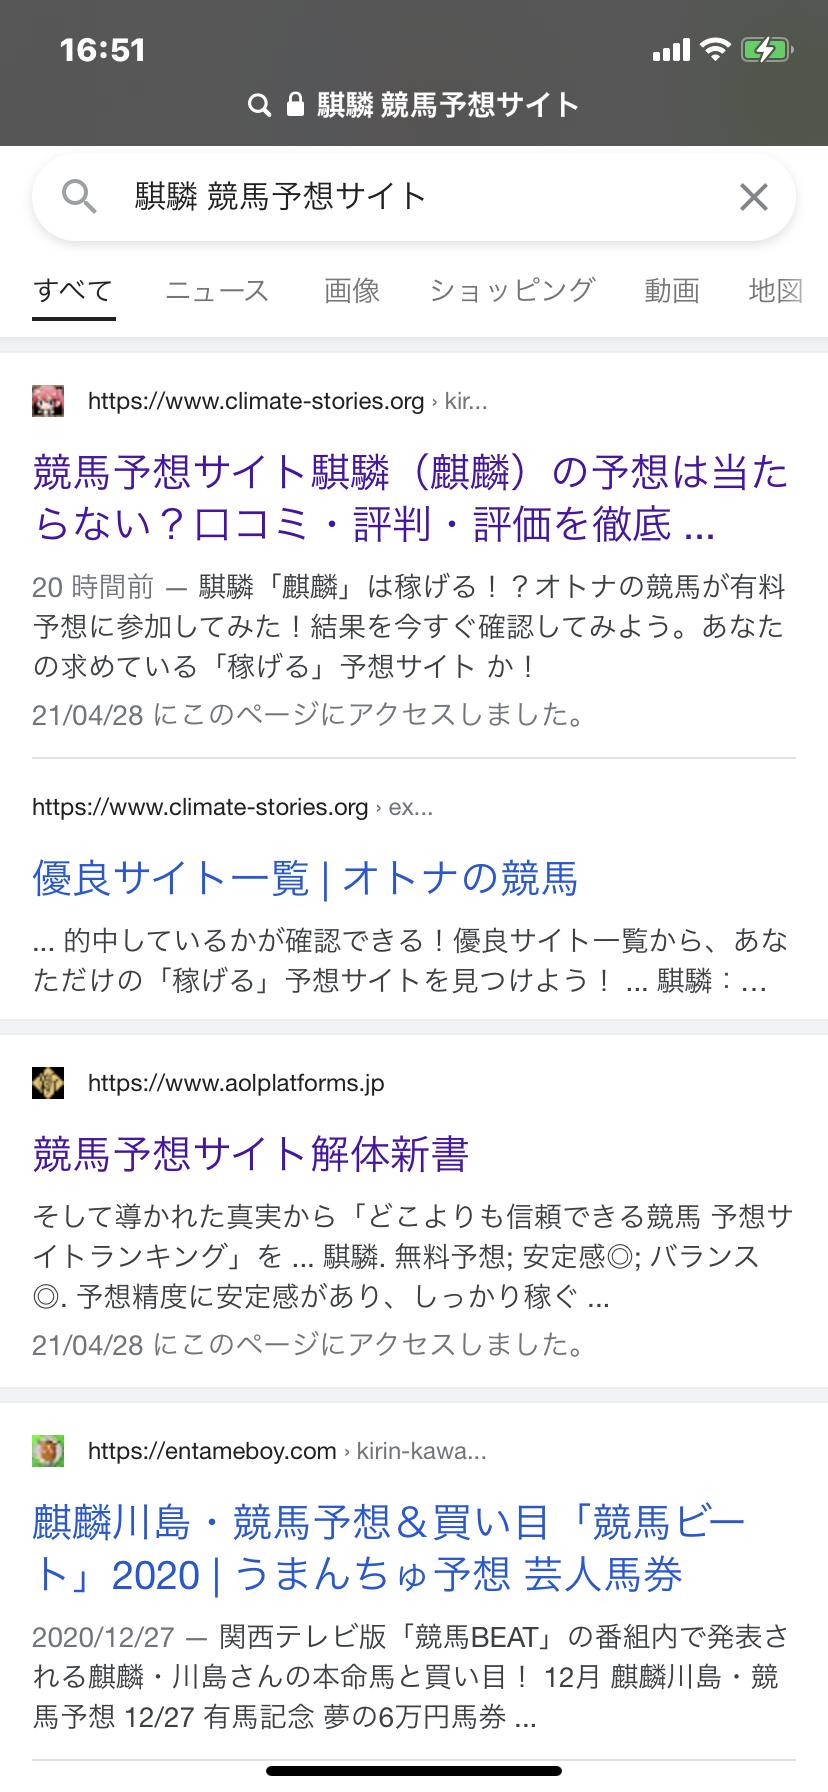 騏驎(麒麟)のグーグル検索結果